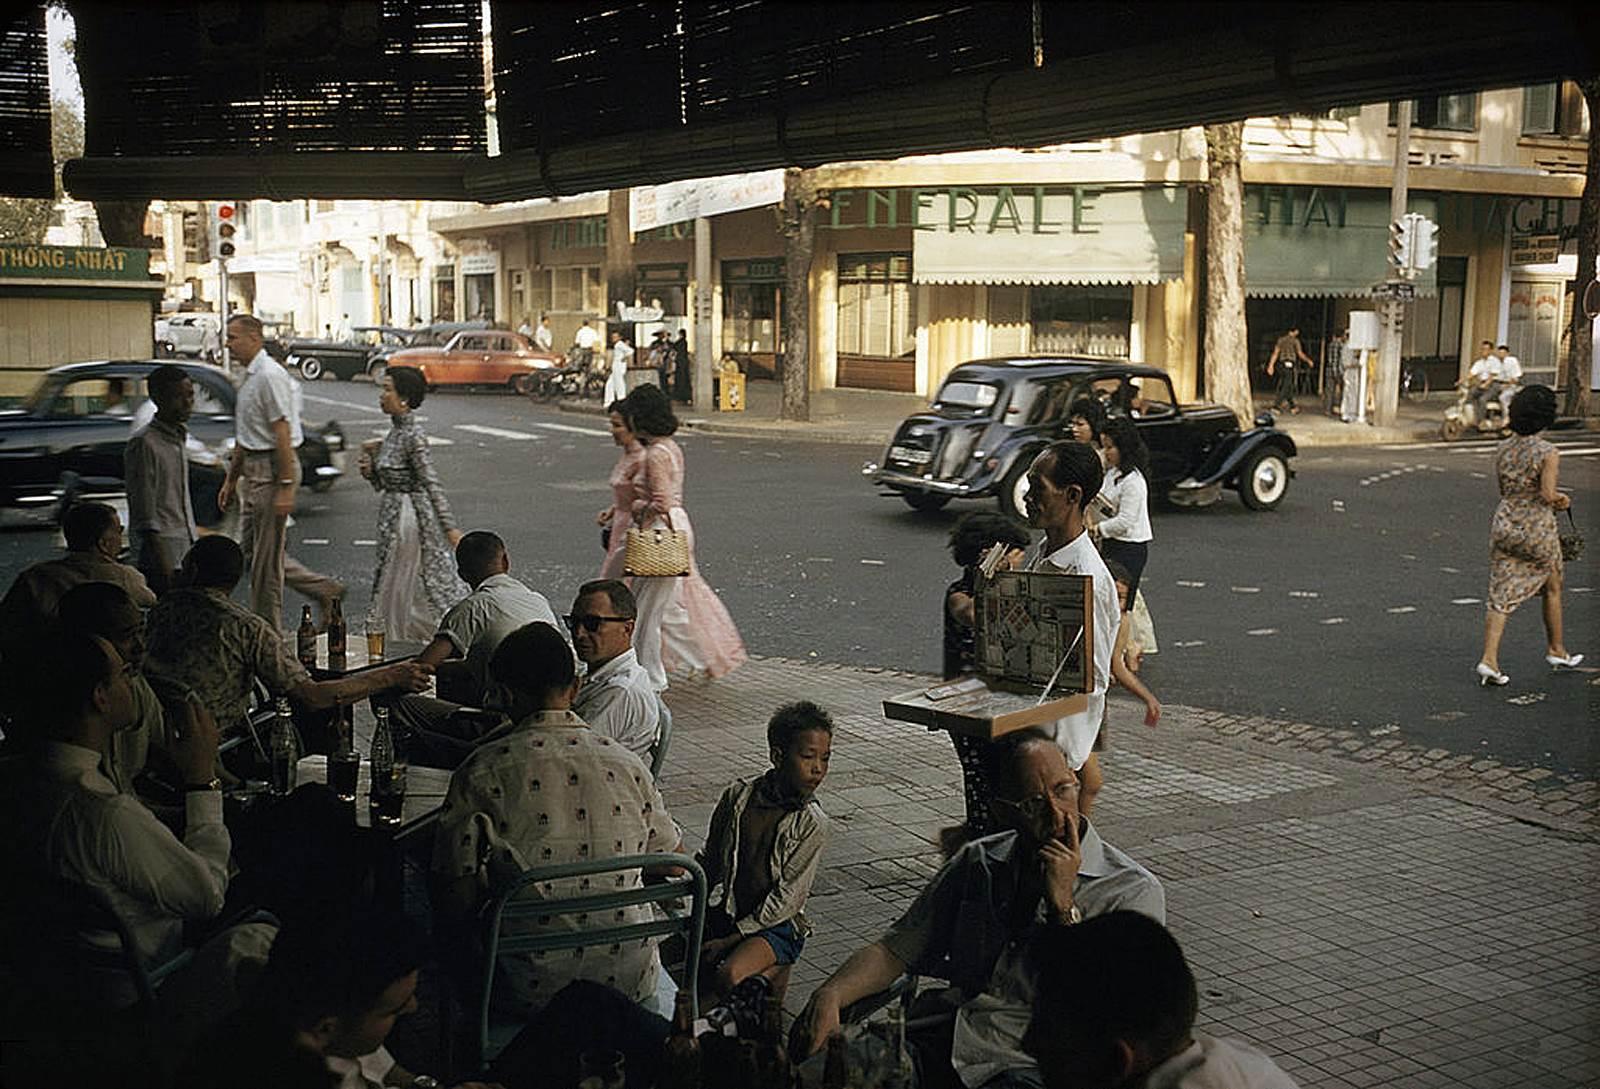 Những khách hàng nam giới của một tiệm cà phê vỉa hè trên đường Tự Do (Đồng Khởi) ngồi ngắm quý bà quý cô qua lại trên đường.